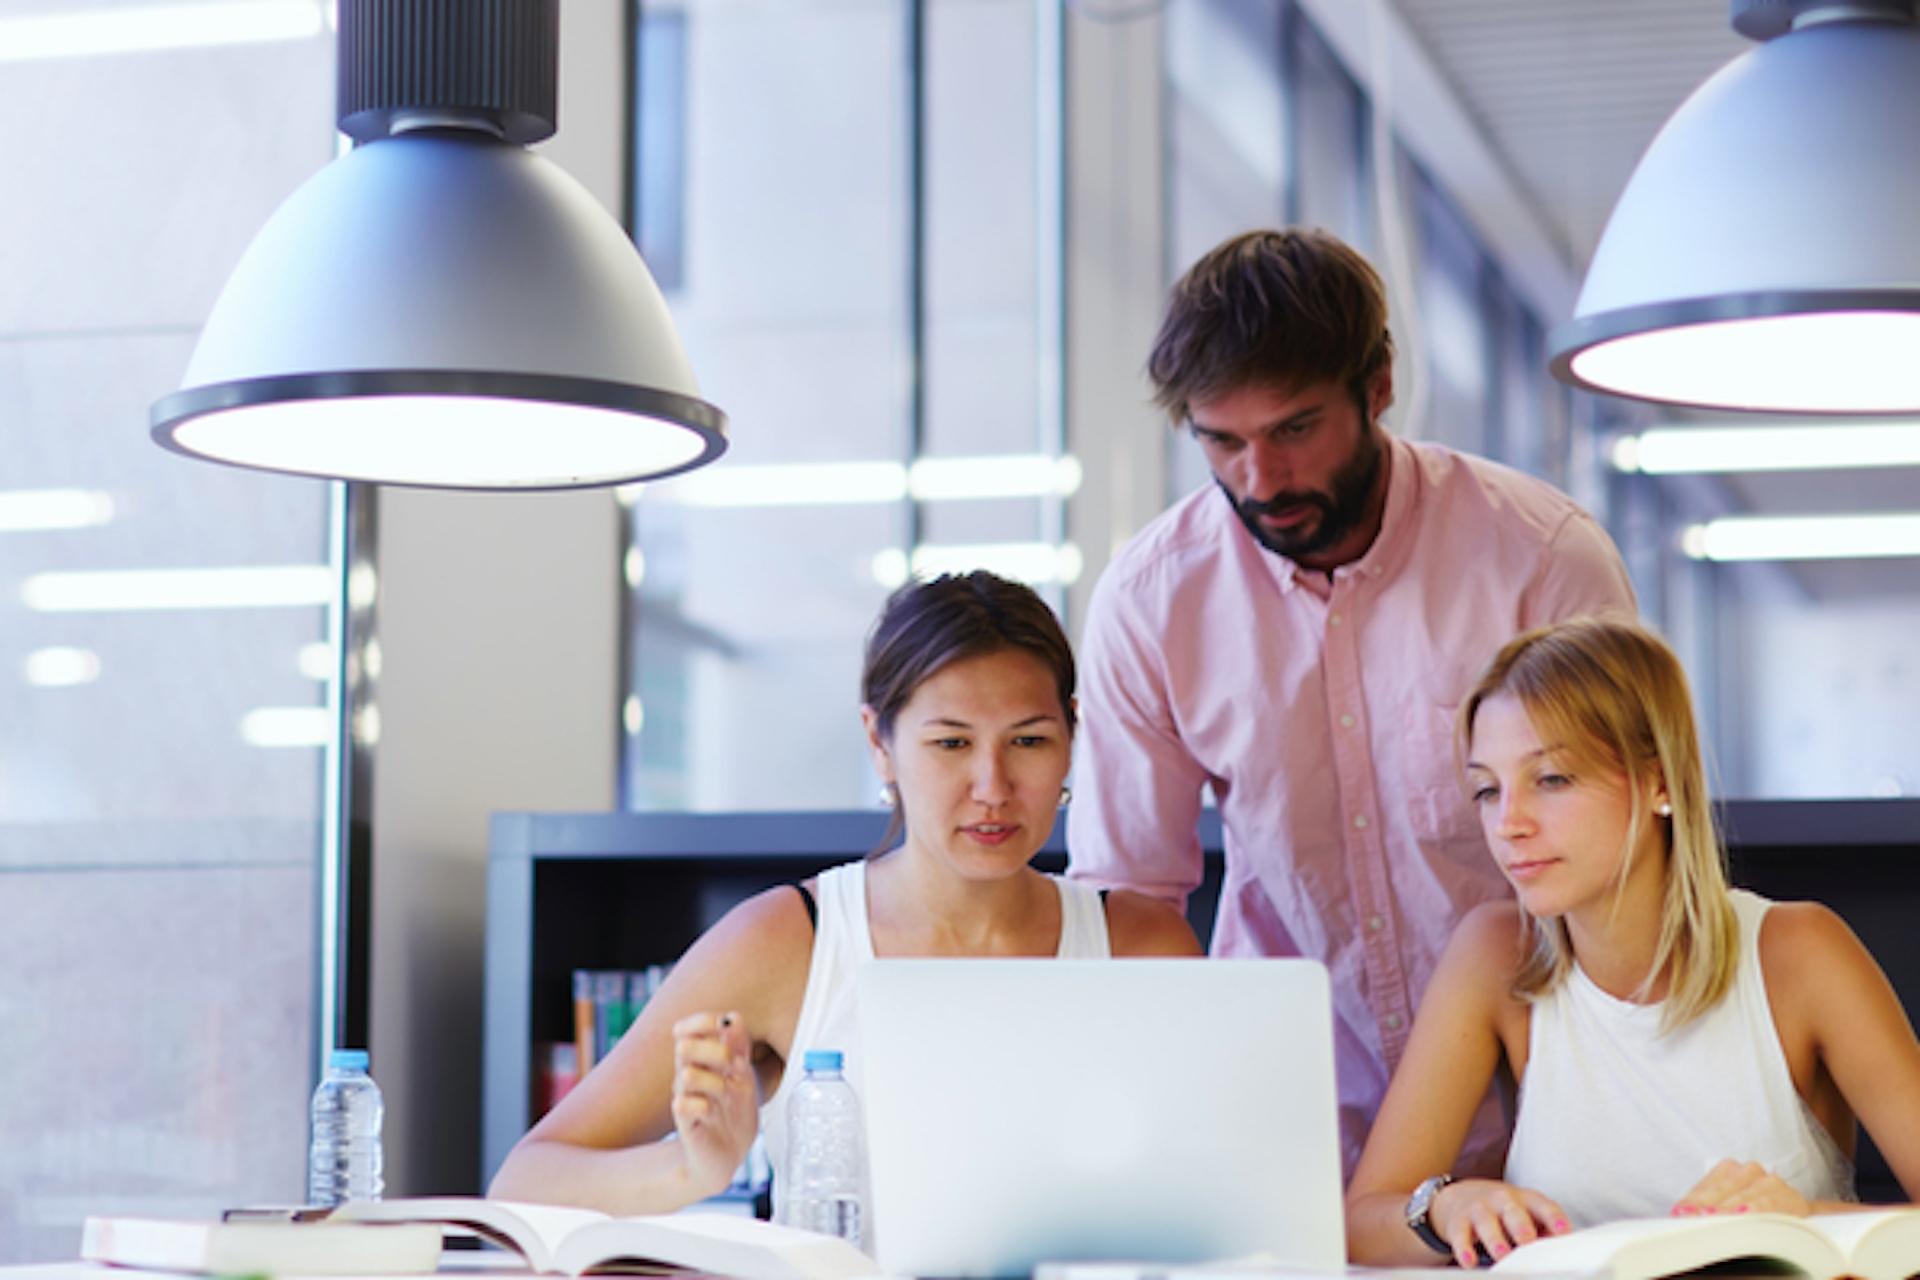 獨當一面的領導能力-解析專案管理的成功關鍵